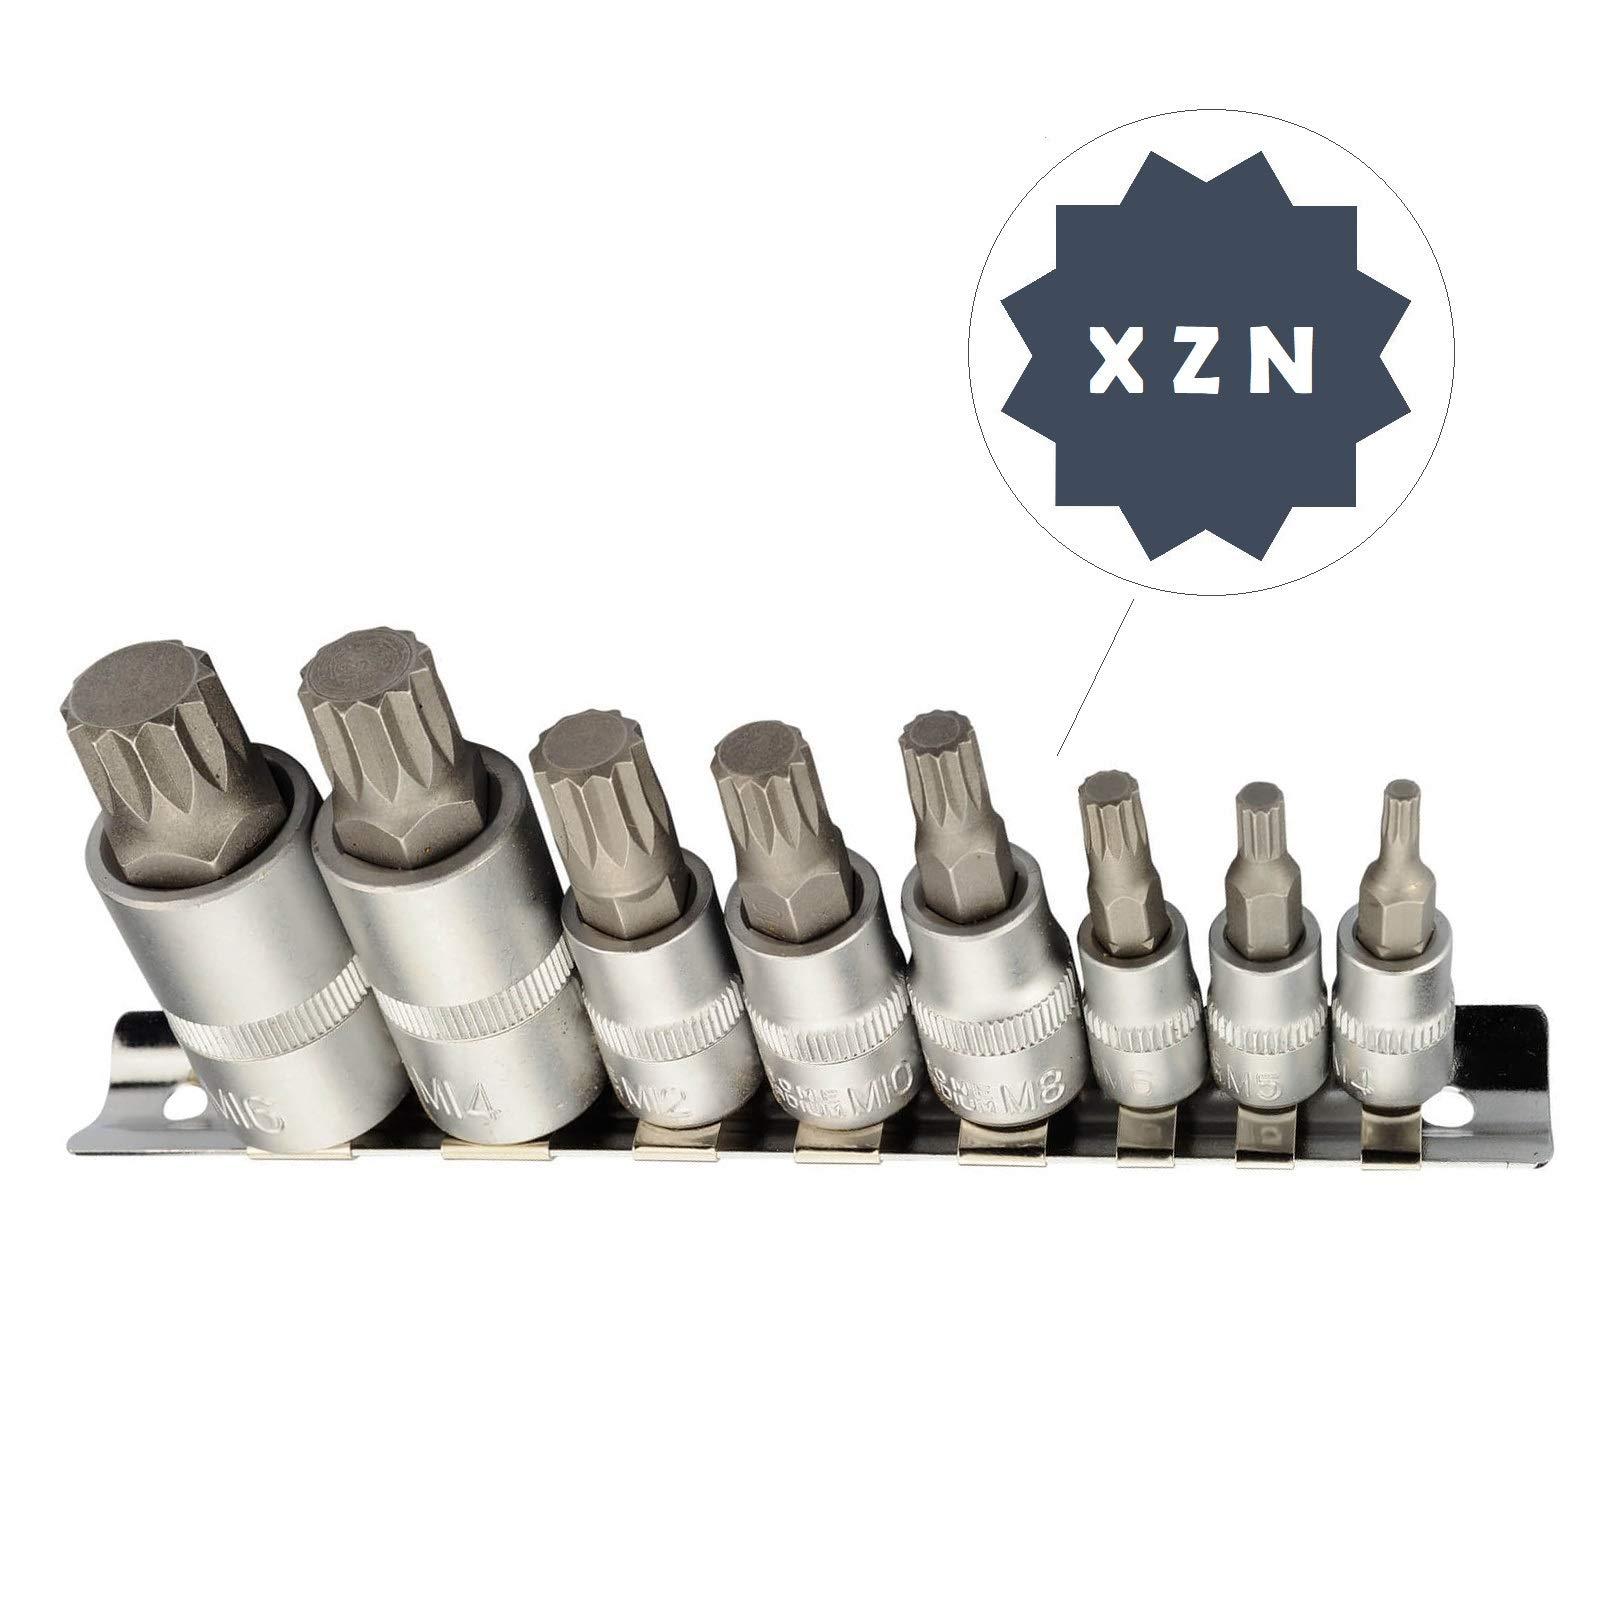 Juego de llaves de vaso XZN M4M5M6M8M10M12M14XZN M16puntas product image